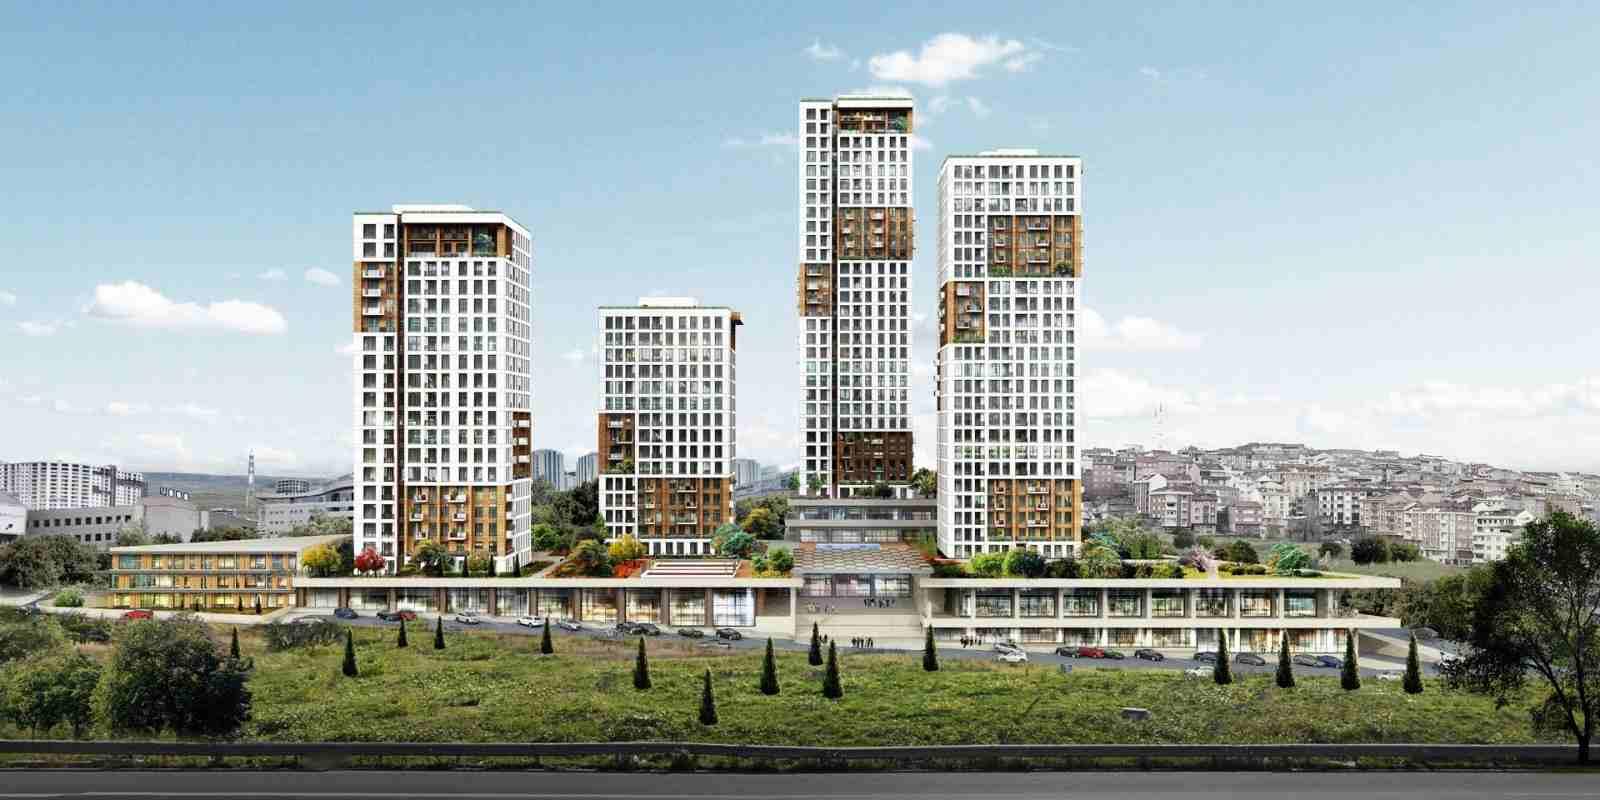 يقع المشروع على مساحة 26.000 متر مربع.   مشروع سكني على اعلى...